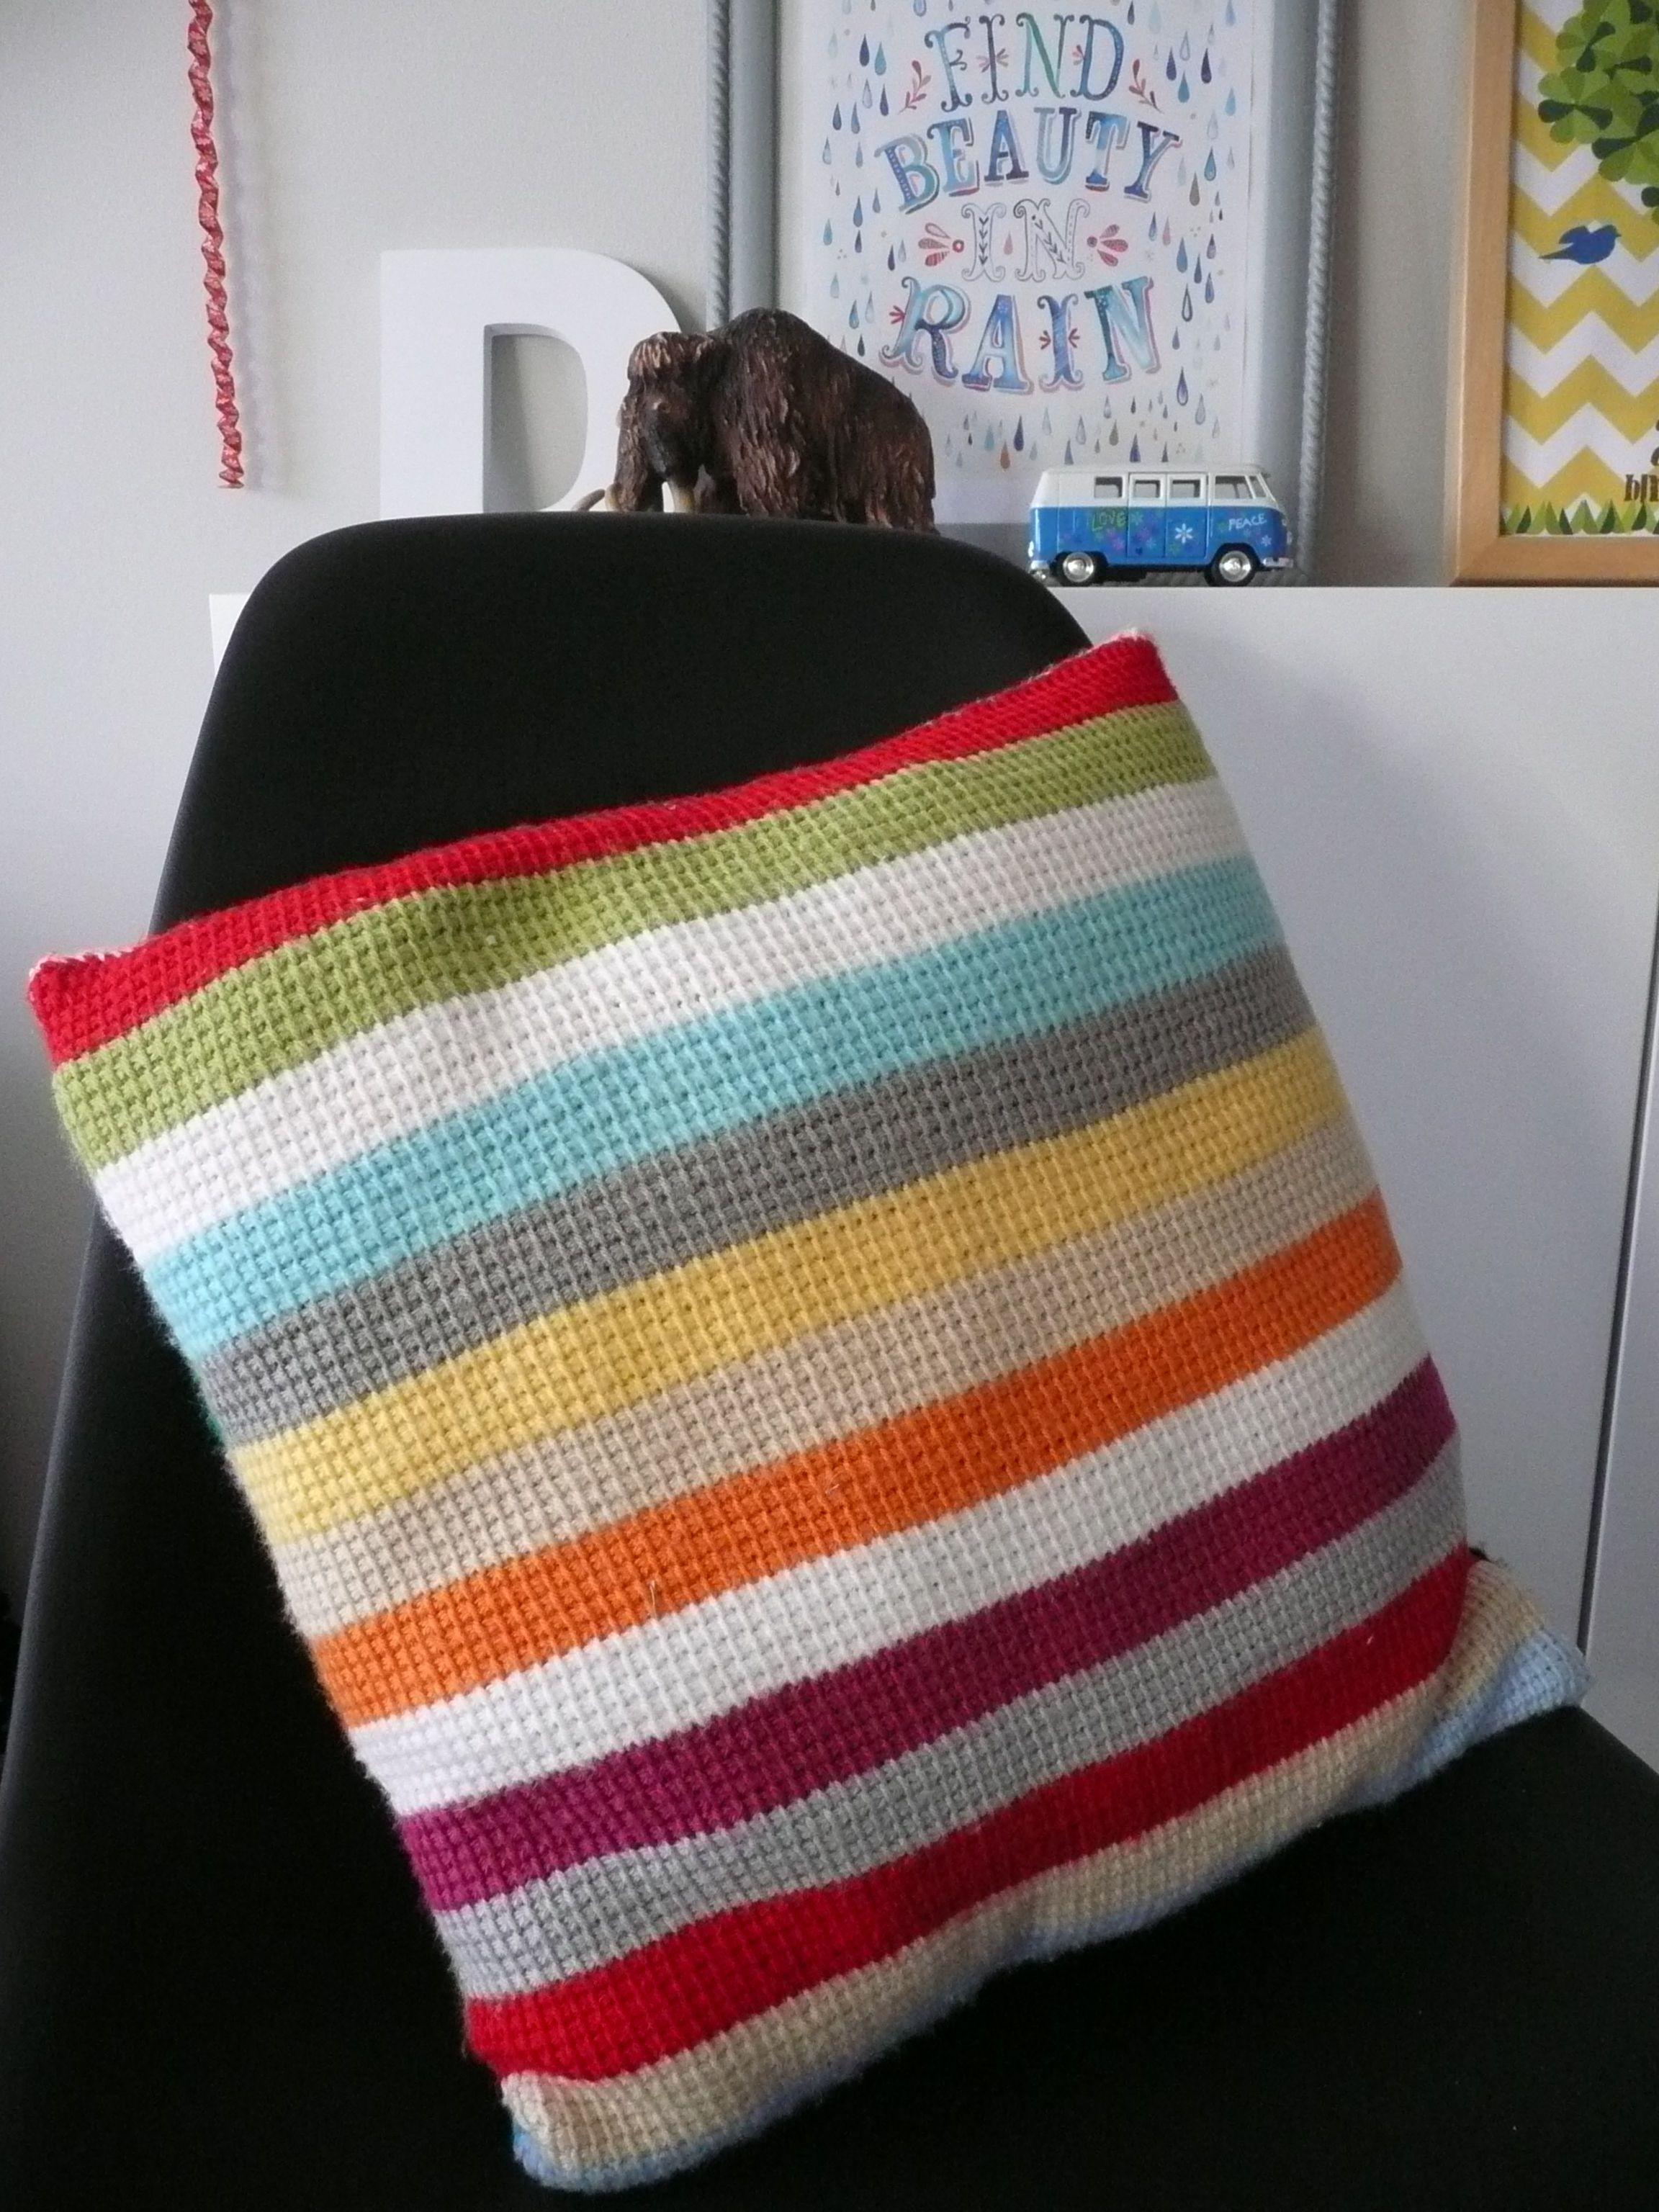 crochet tunecino almohadas de punto almohada crochet cojines de ganchillo mantas de ganchillo ideas de ganchillo patrones de ganchillo fundas de